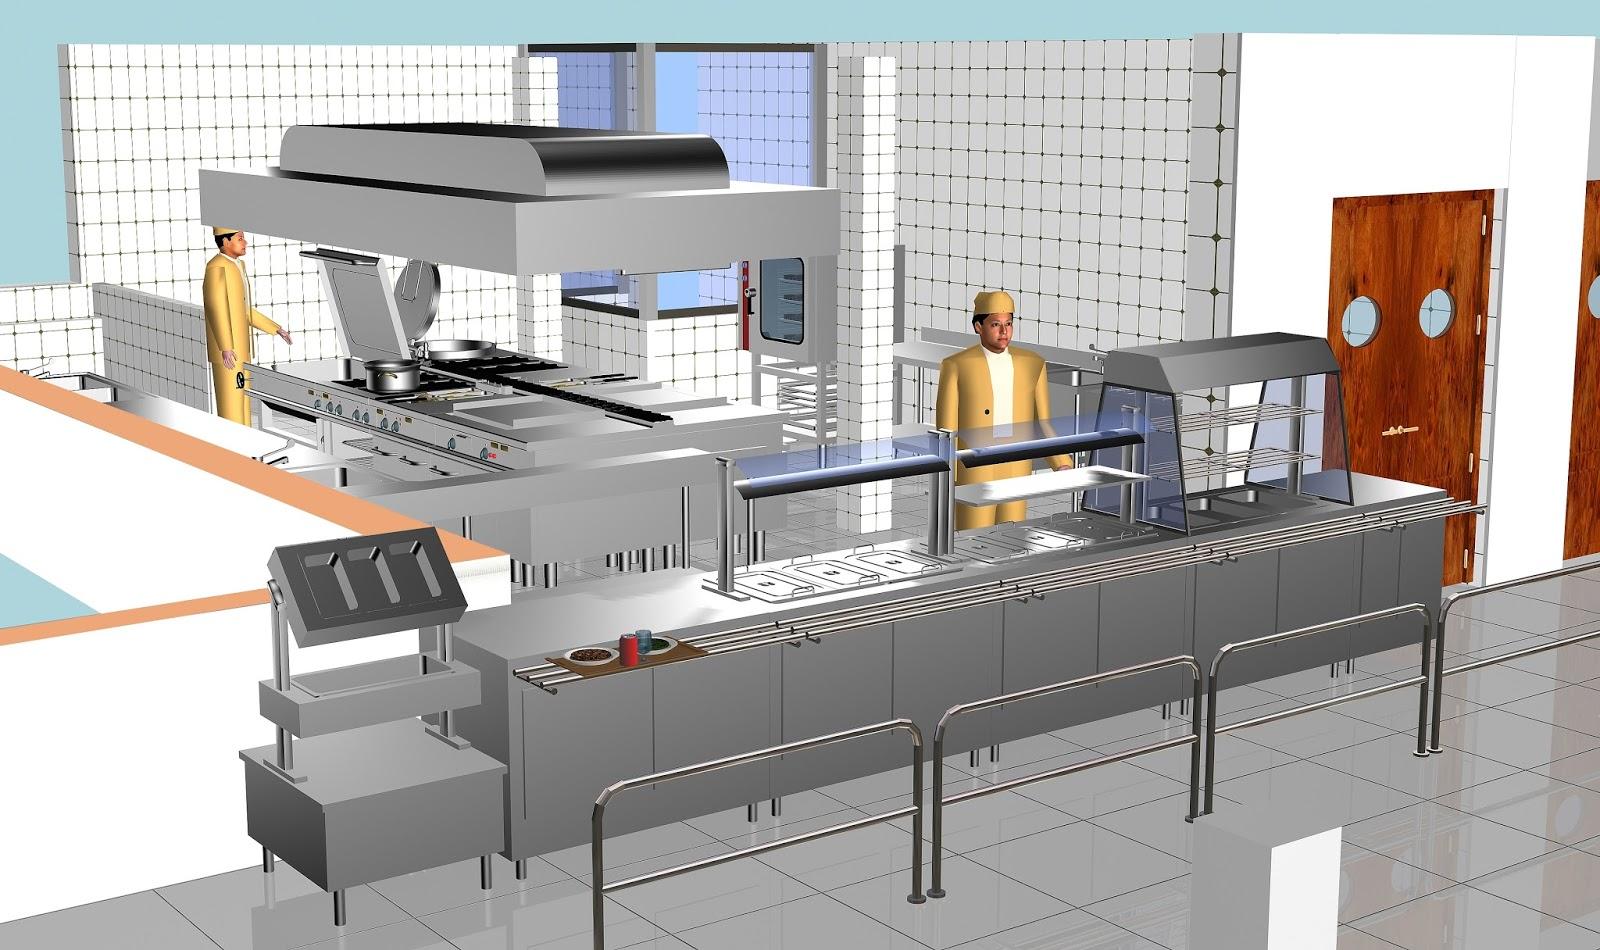 Global cocinas t cnicas nueva cocina para el colegio alegra for Instalacion cocina industrial